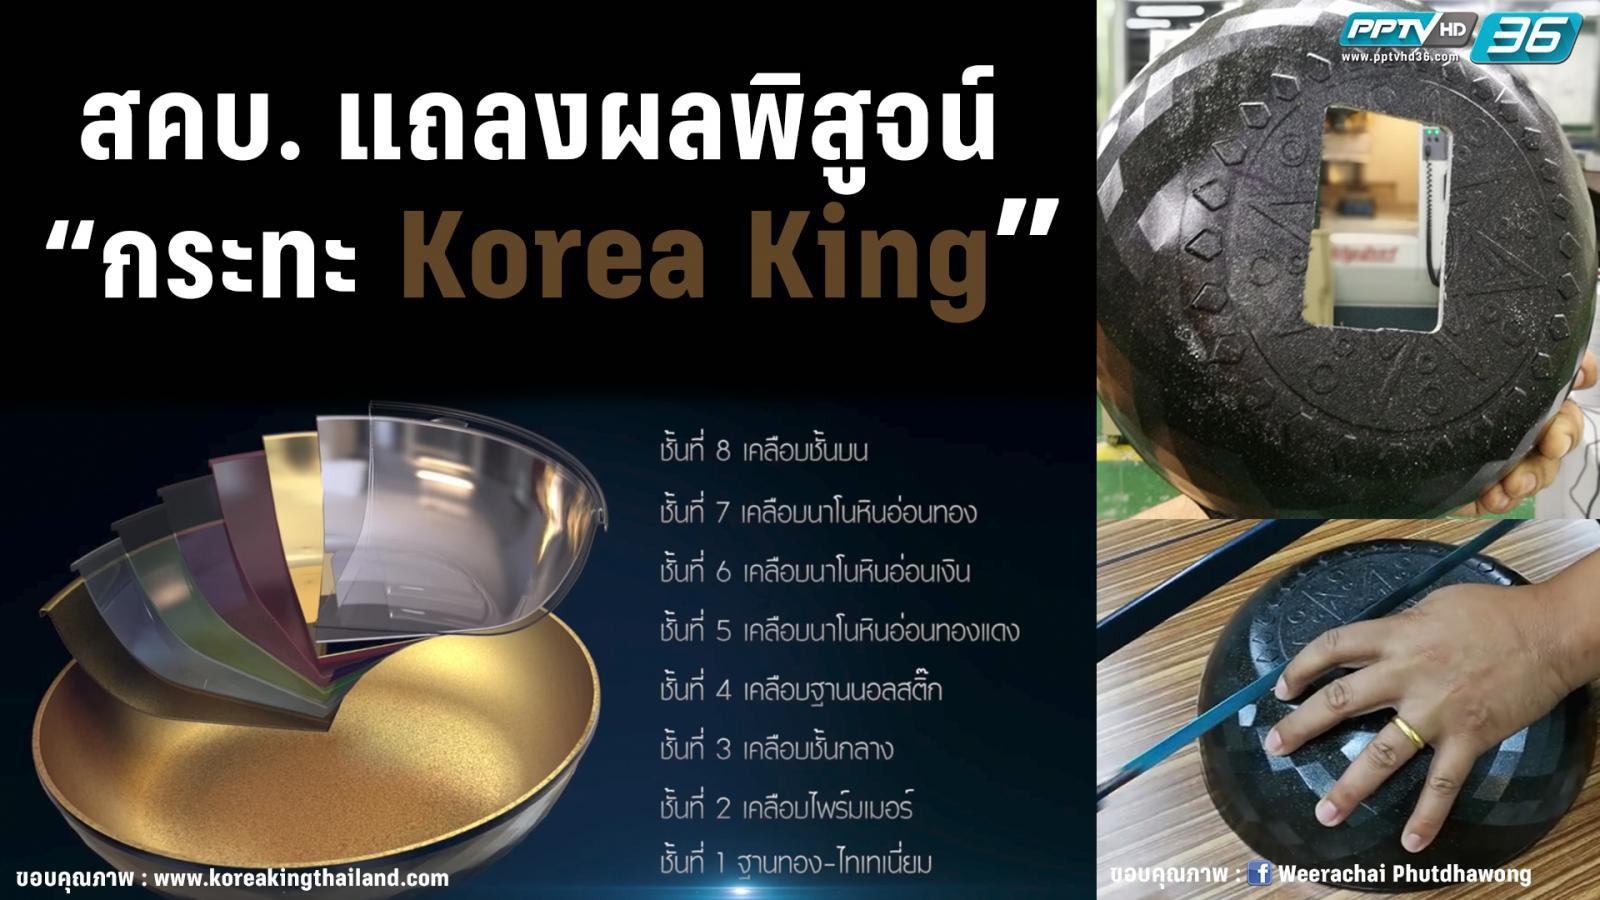 """สคบ.สั่ง """"Korea King"""" ยุติห้ามโฆษณาทุกช่องทางทันที"""